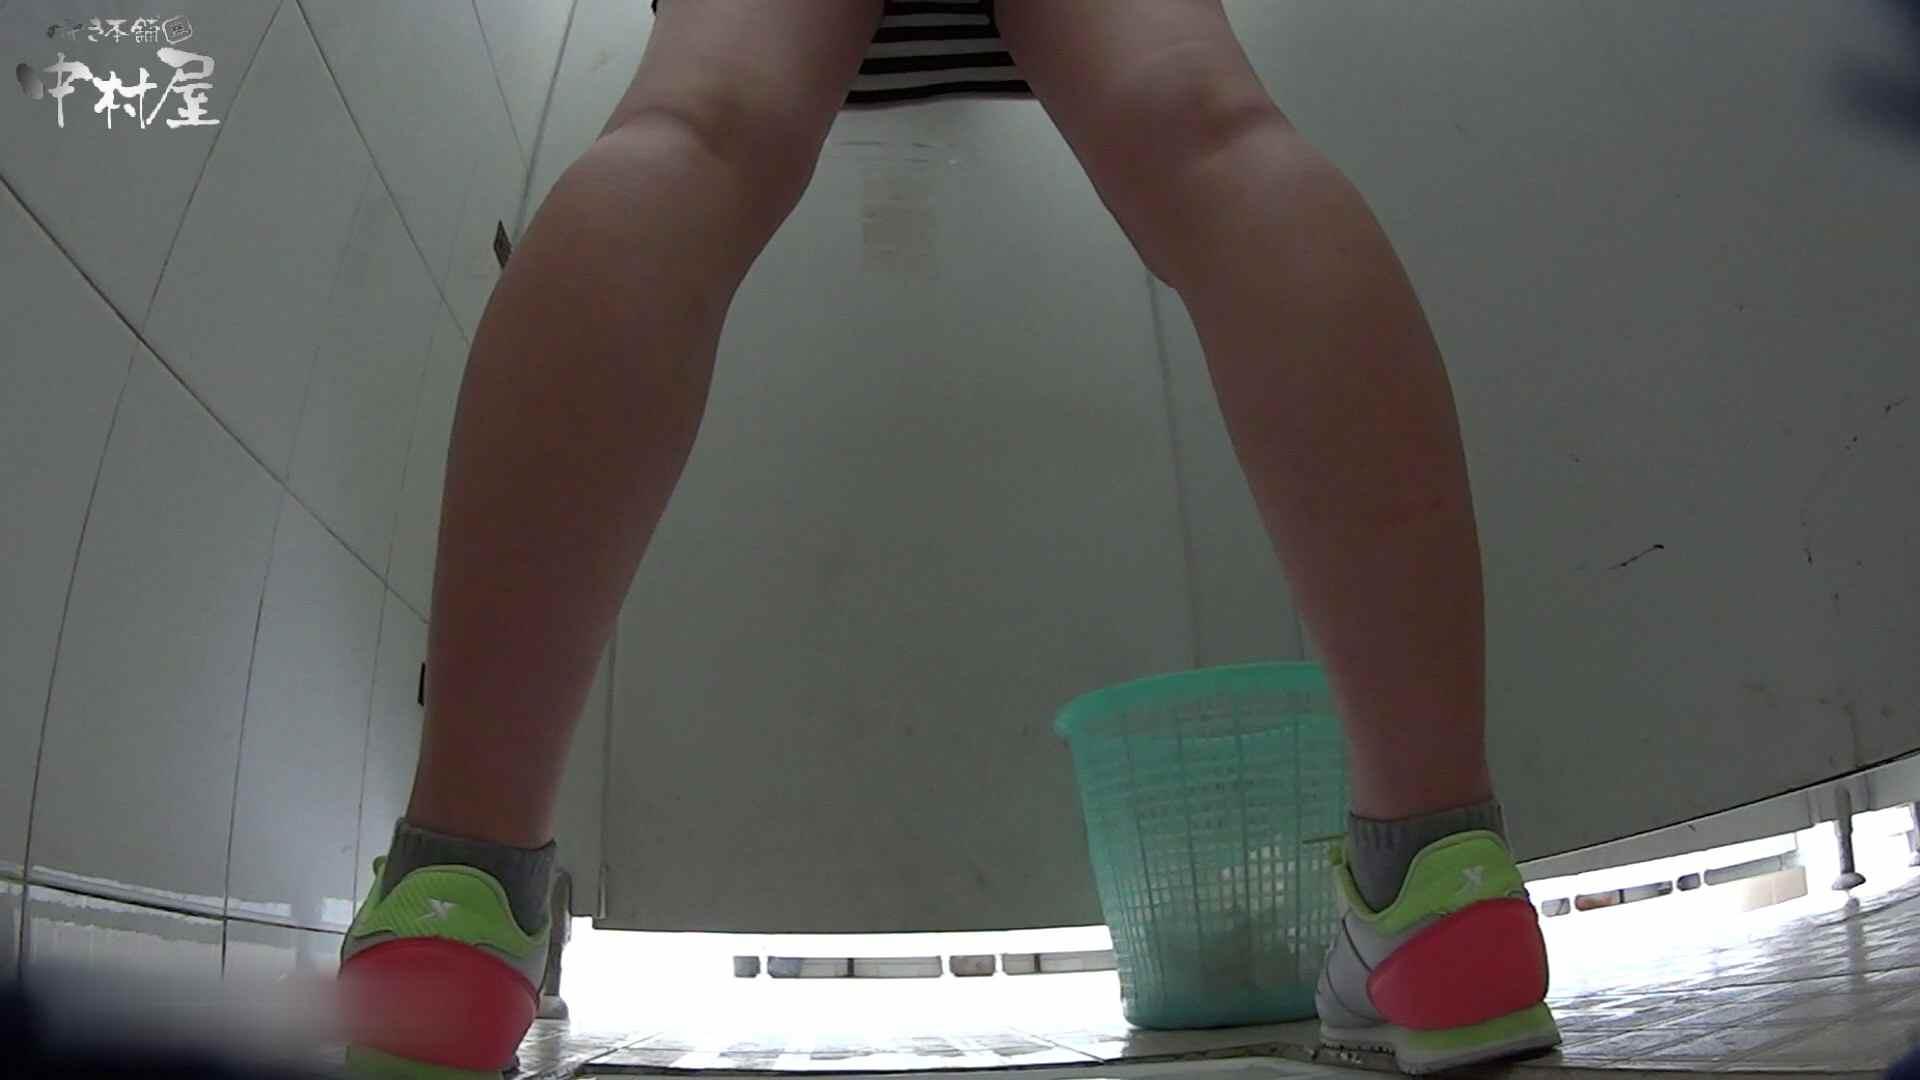 美しい女良たちのトイレ事情 有名大学休憩時間の洗面所事情06 乙女 おめこ無修正画像 110画像 20